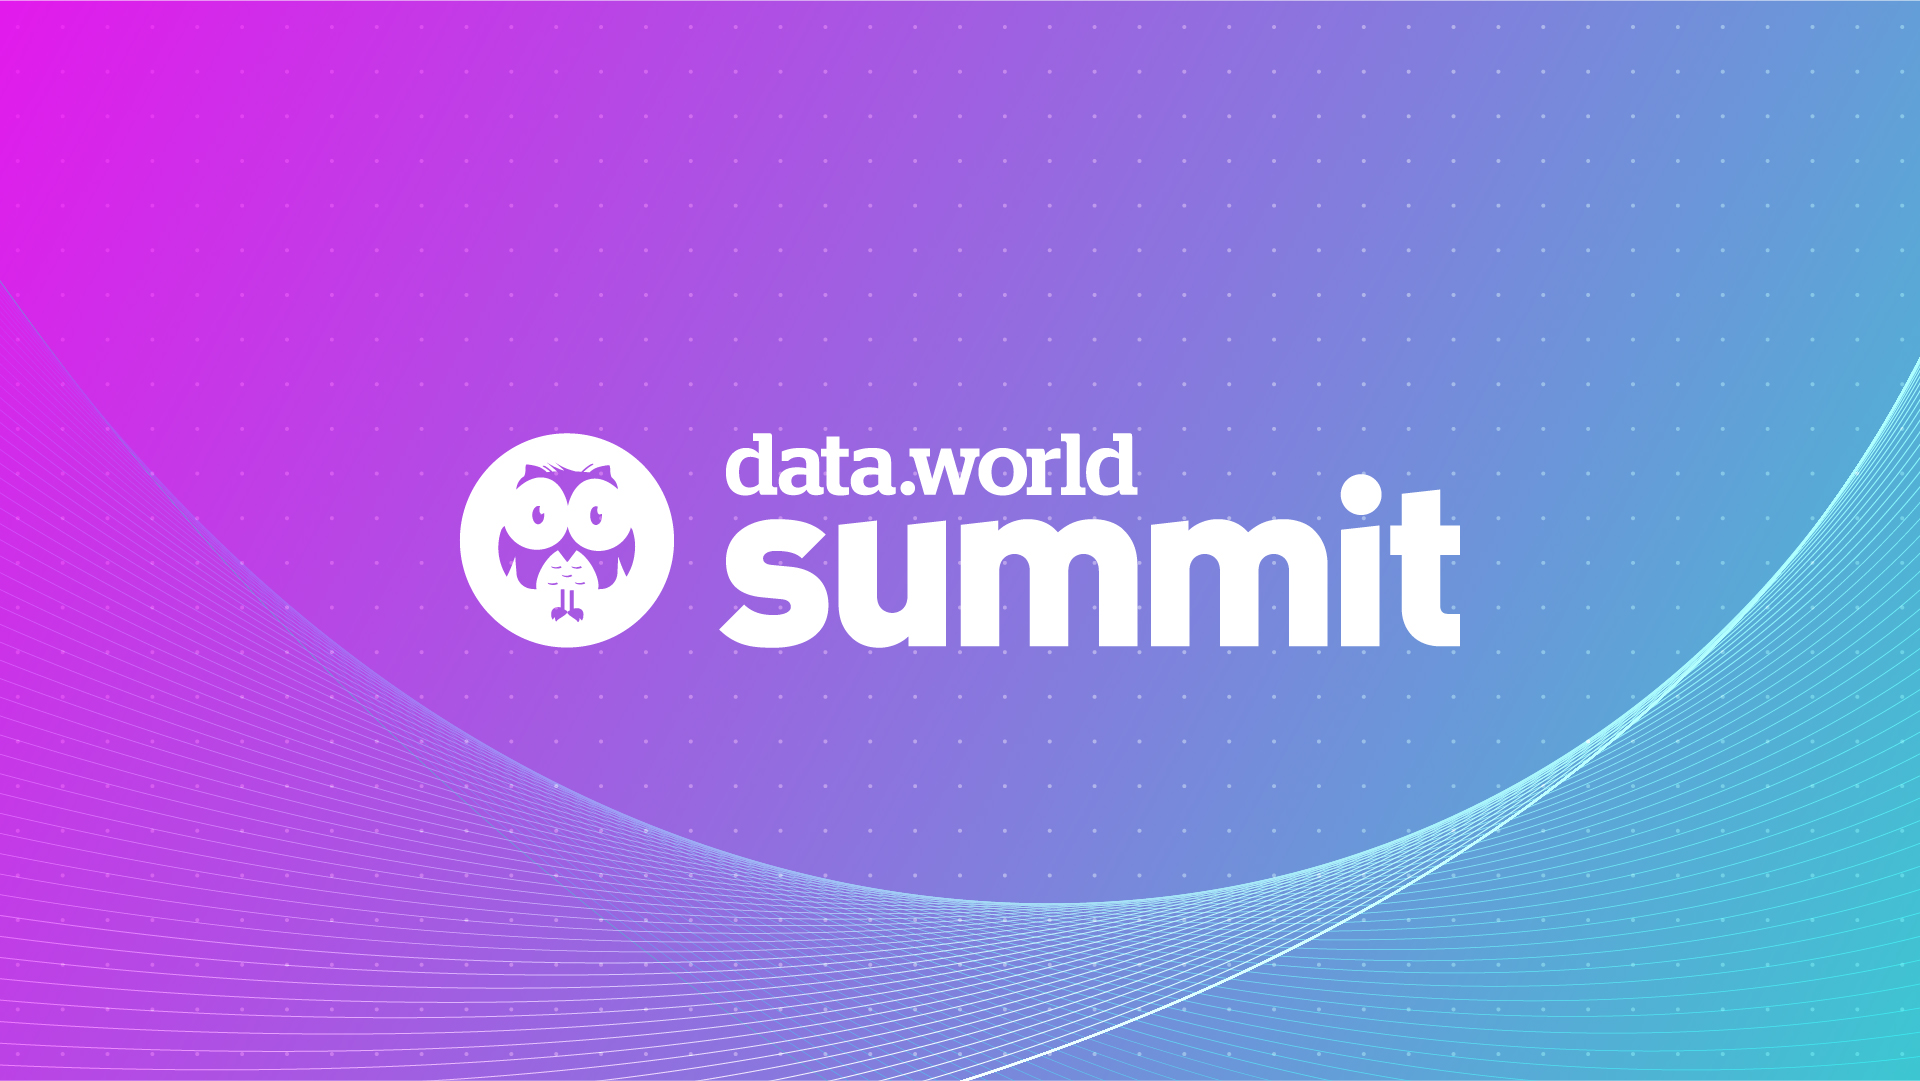 Data.world Summit